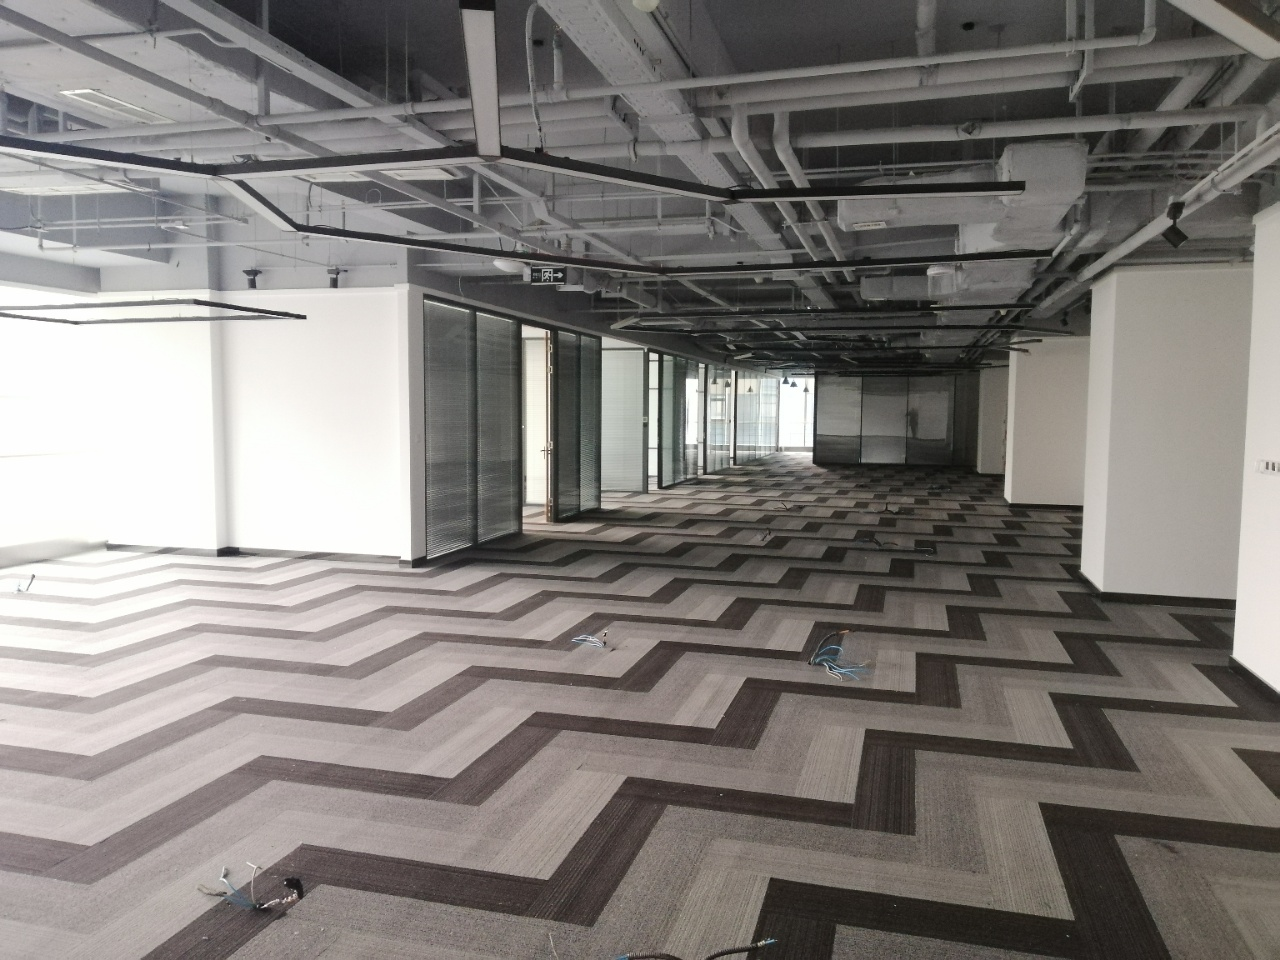 【超甲】OCG国际中心1492平米高品质办公室,不带家具全屋装修